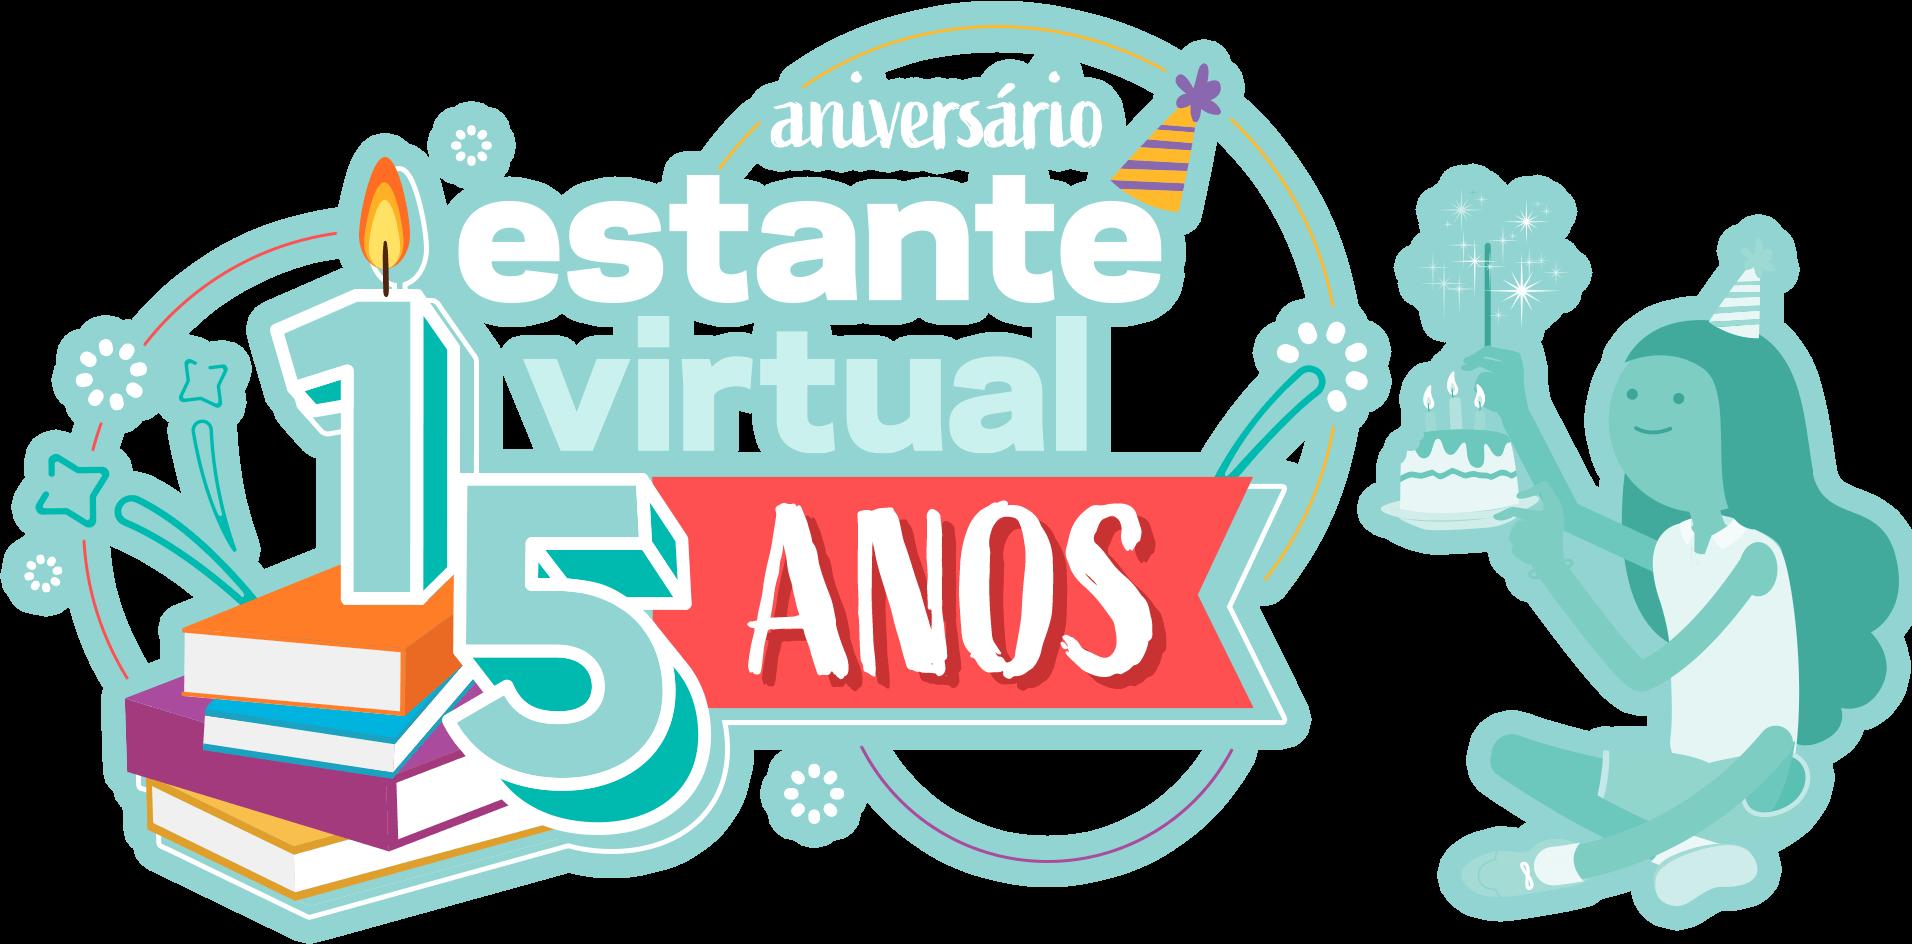 Aniversário Estante Virtual - 15 anos